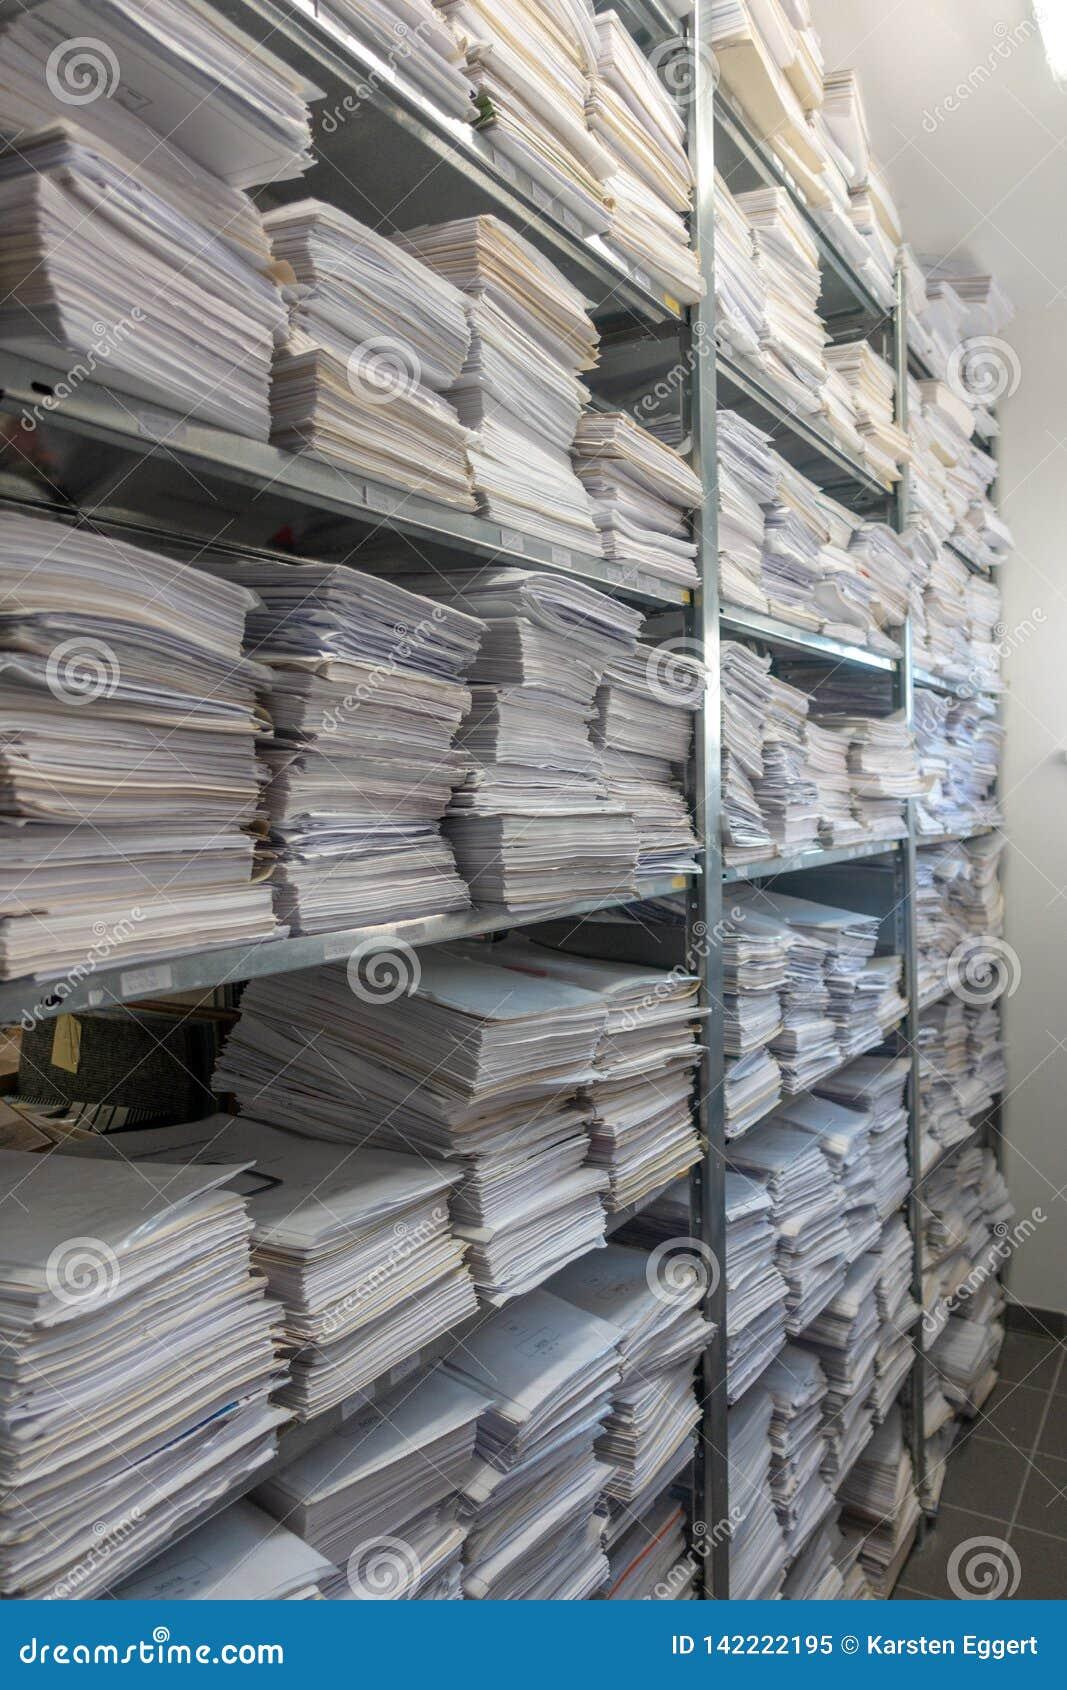 Стога файла хранятся в одном архиве